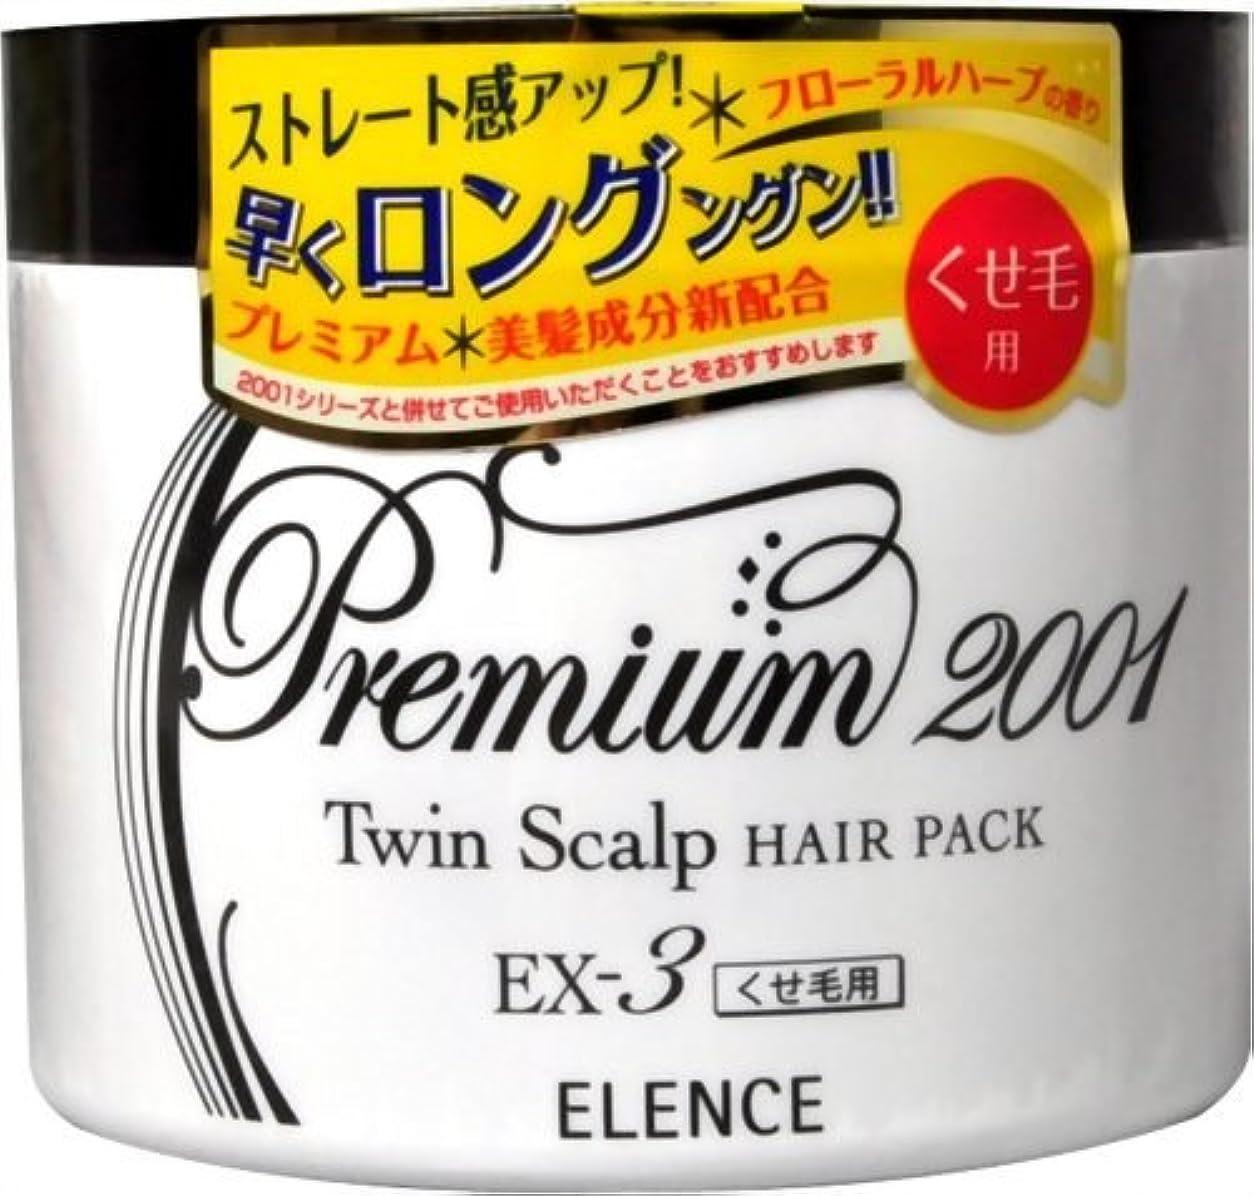 最悪ばかげている樫の木エレンス2001 ツインスキャルプヘアパックEX-3(くせ毛用)